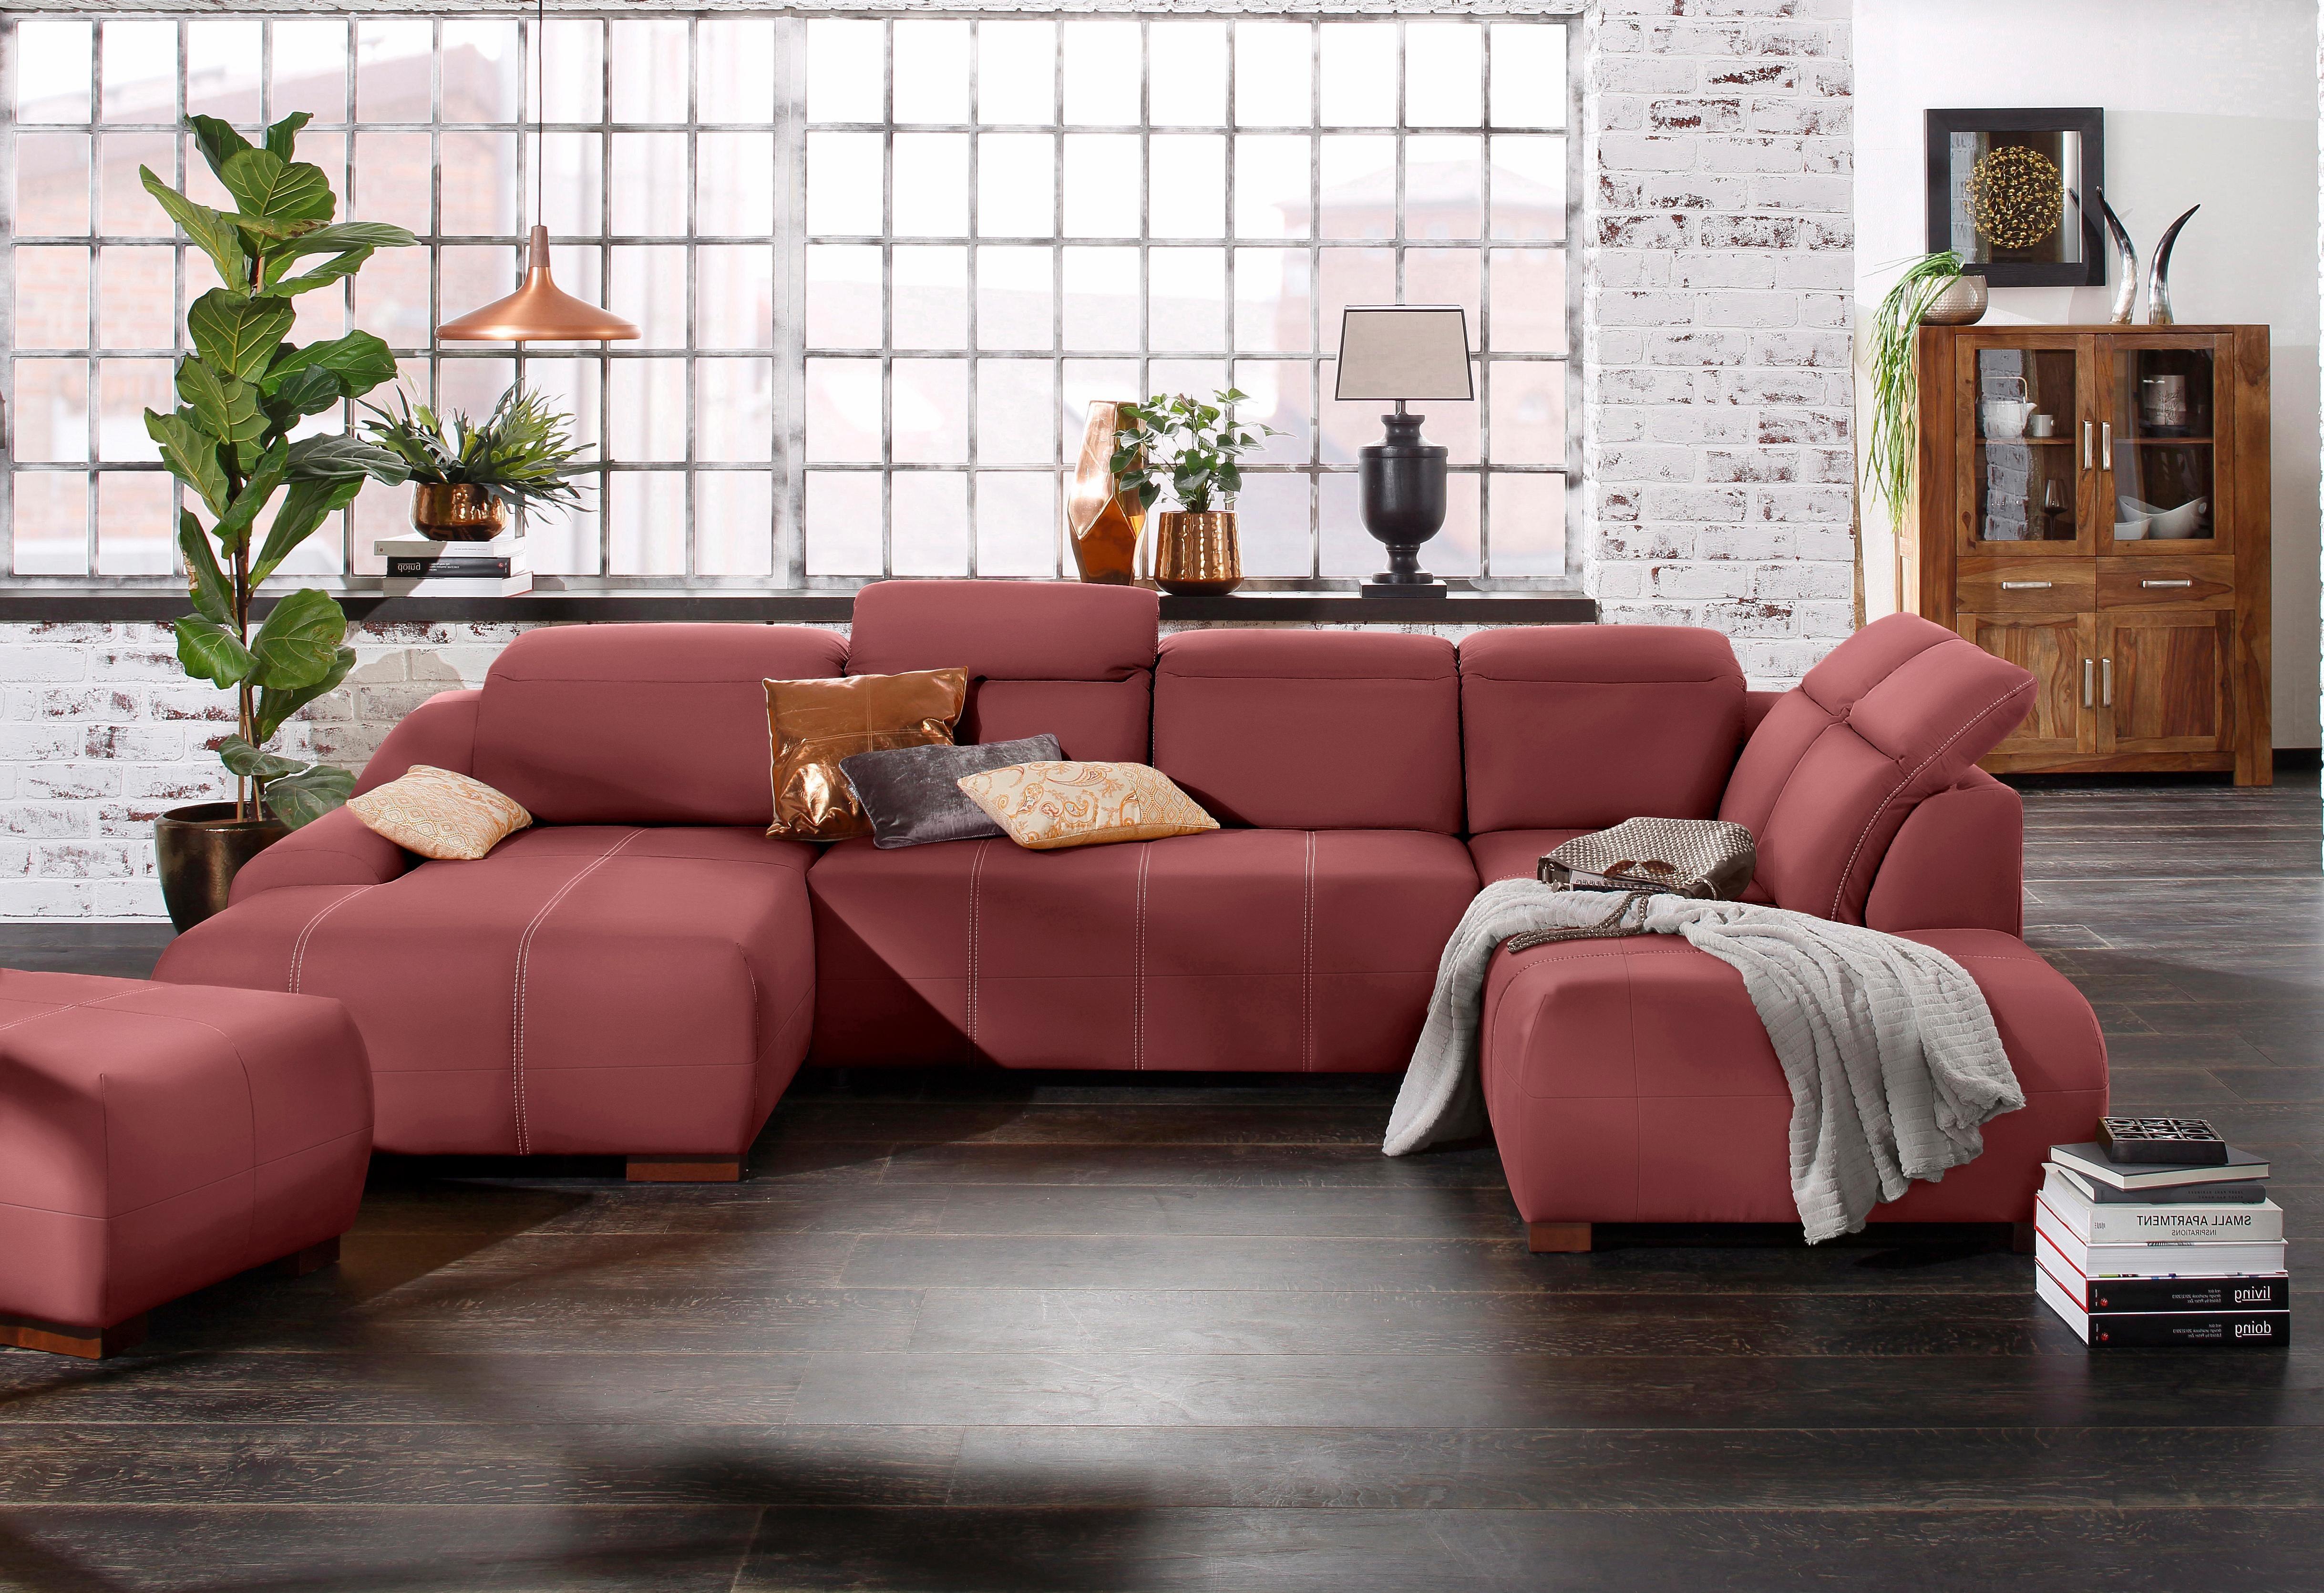 Wohnzimmer Sofas & Couches online kaufen